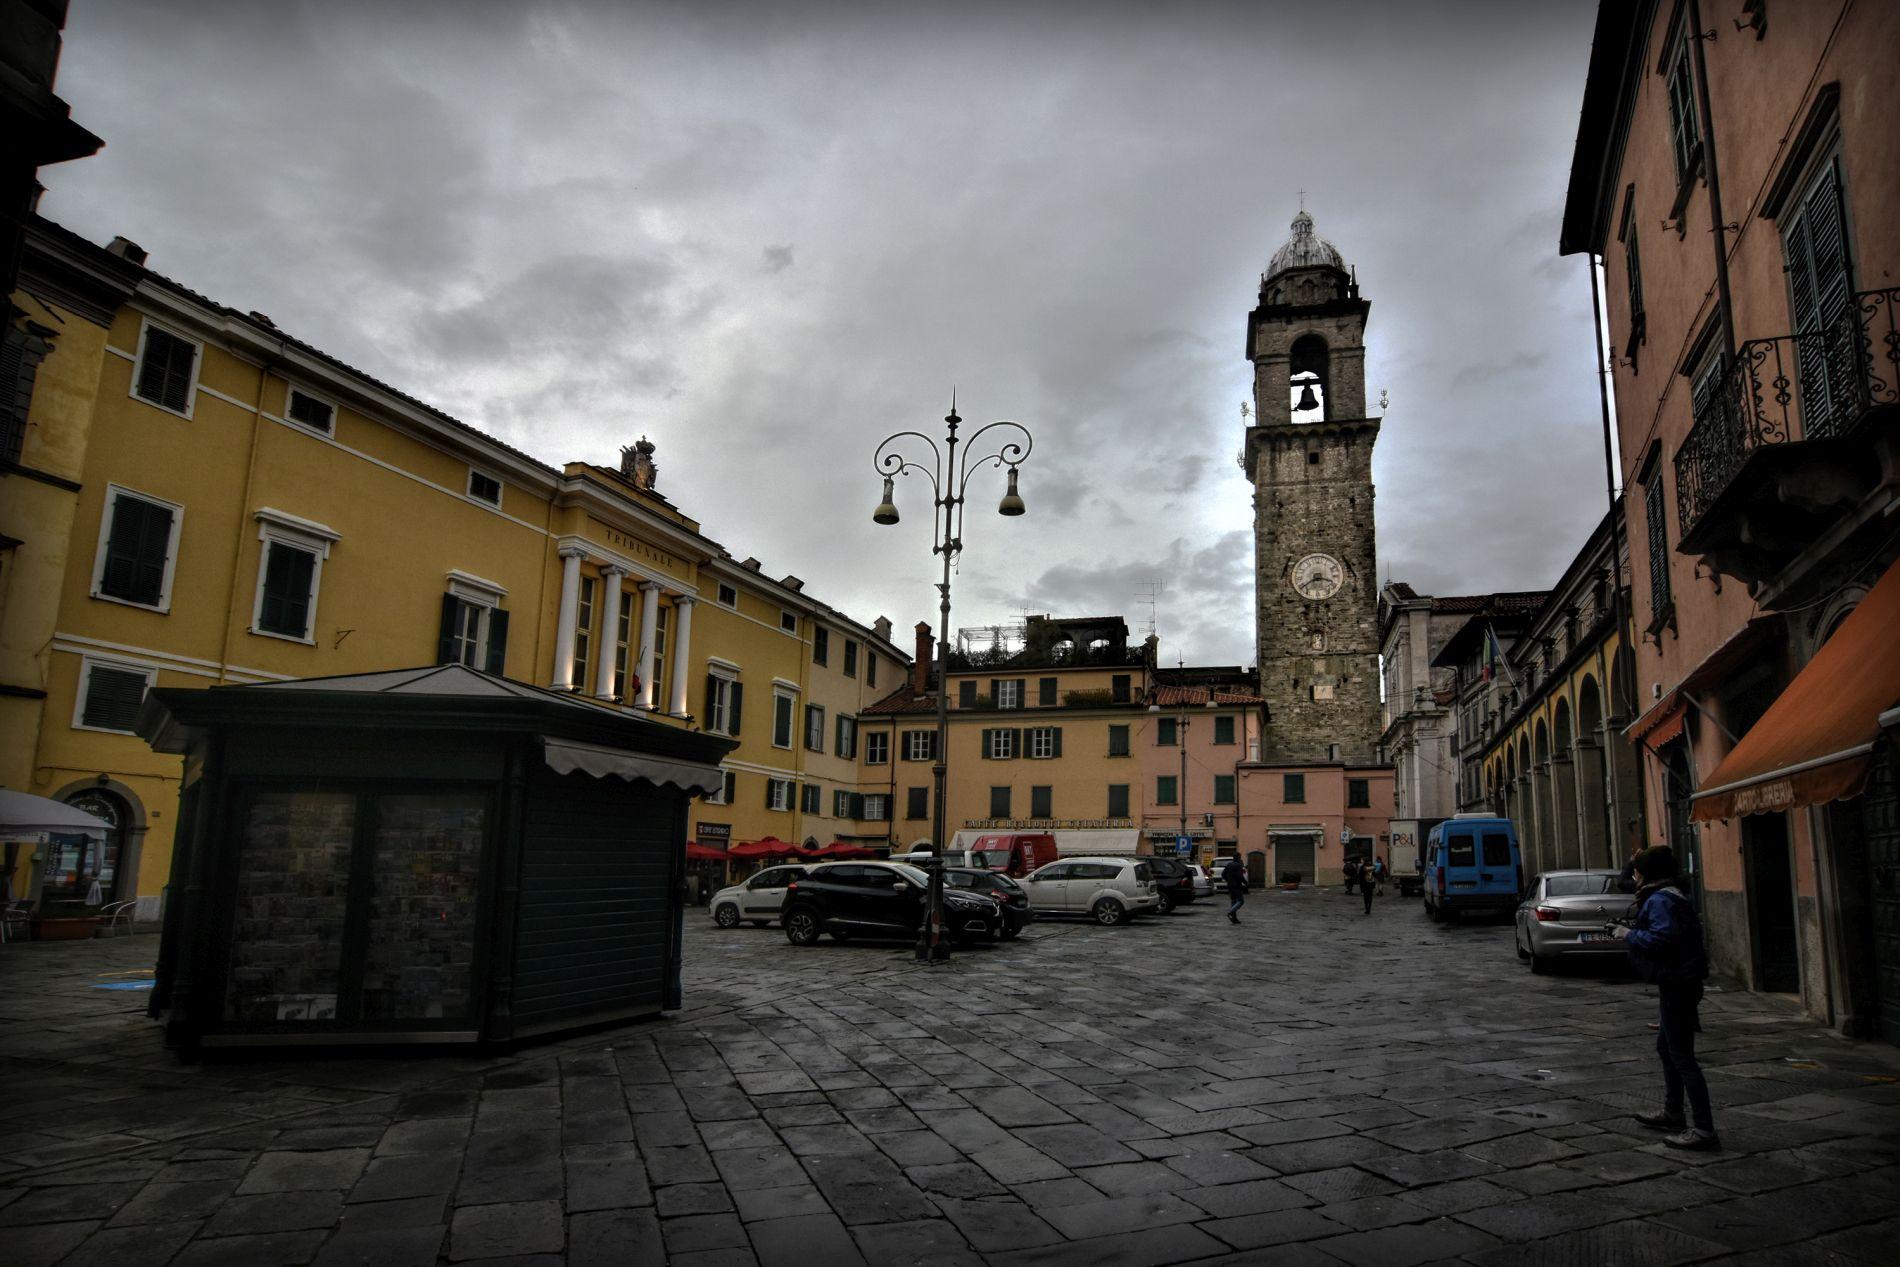 Piazza della Repubblica in Pontremoli